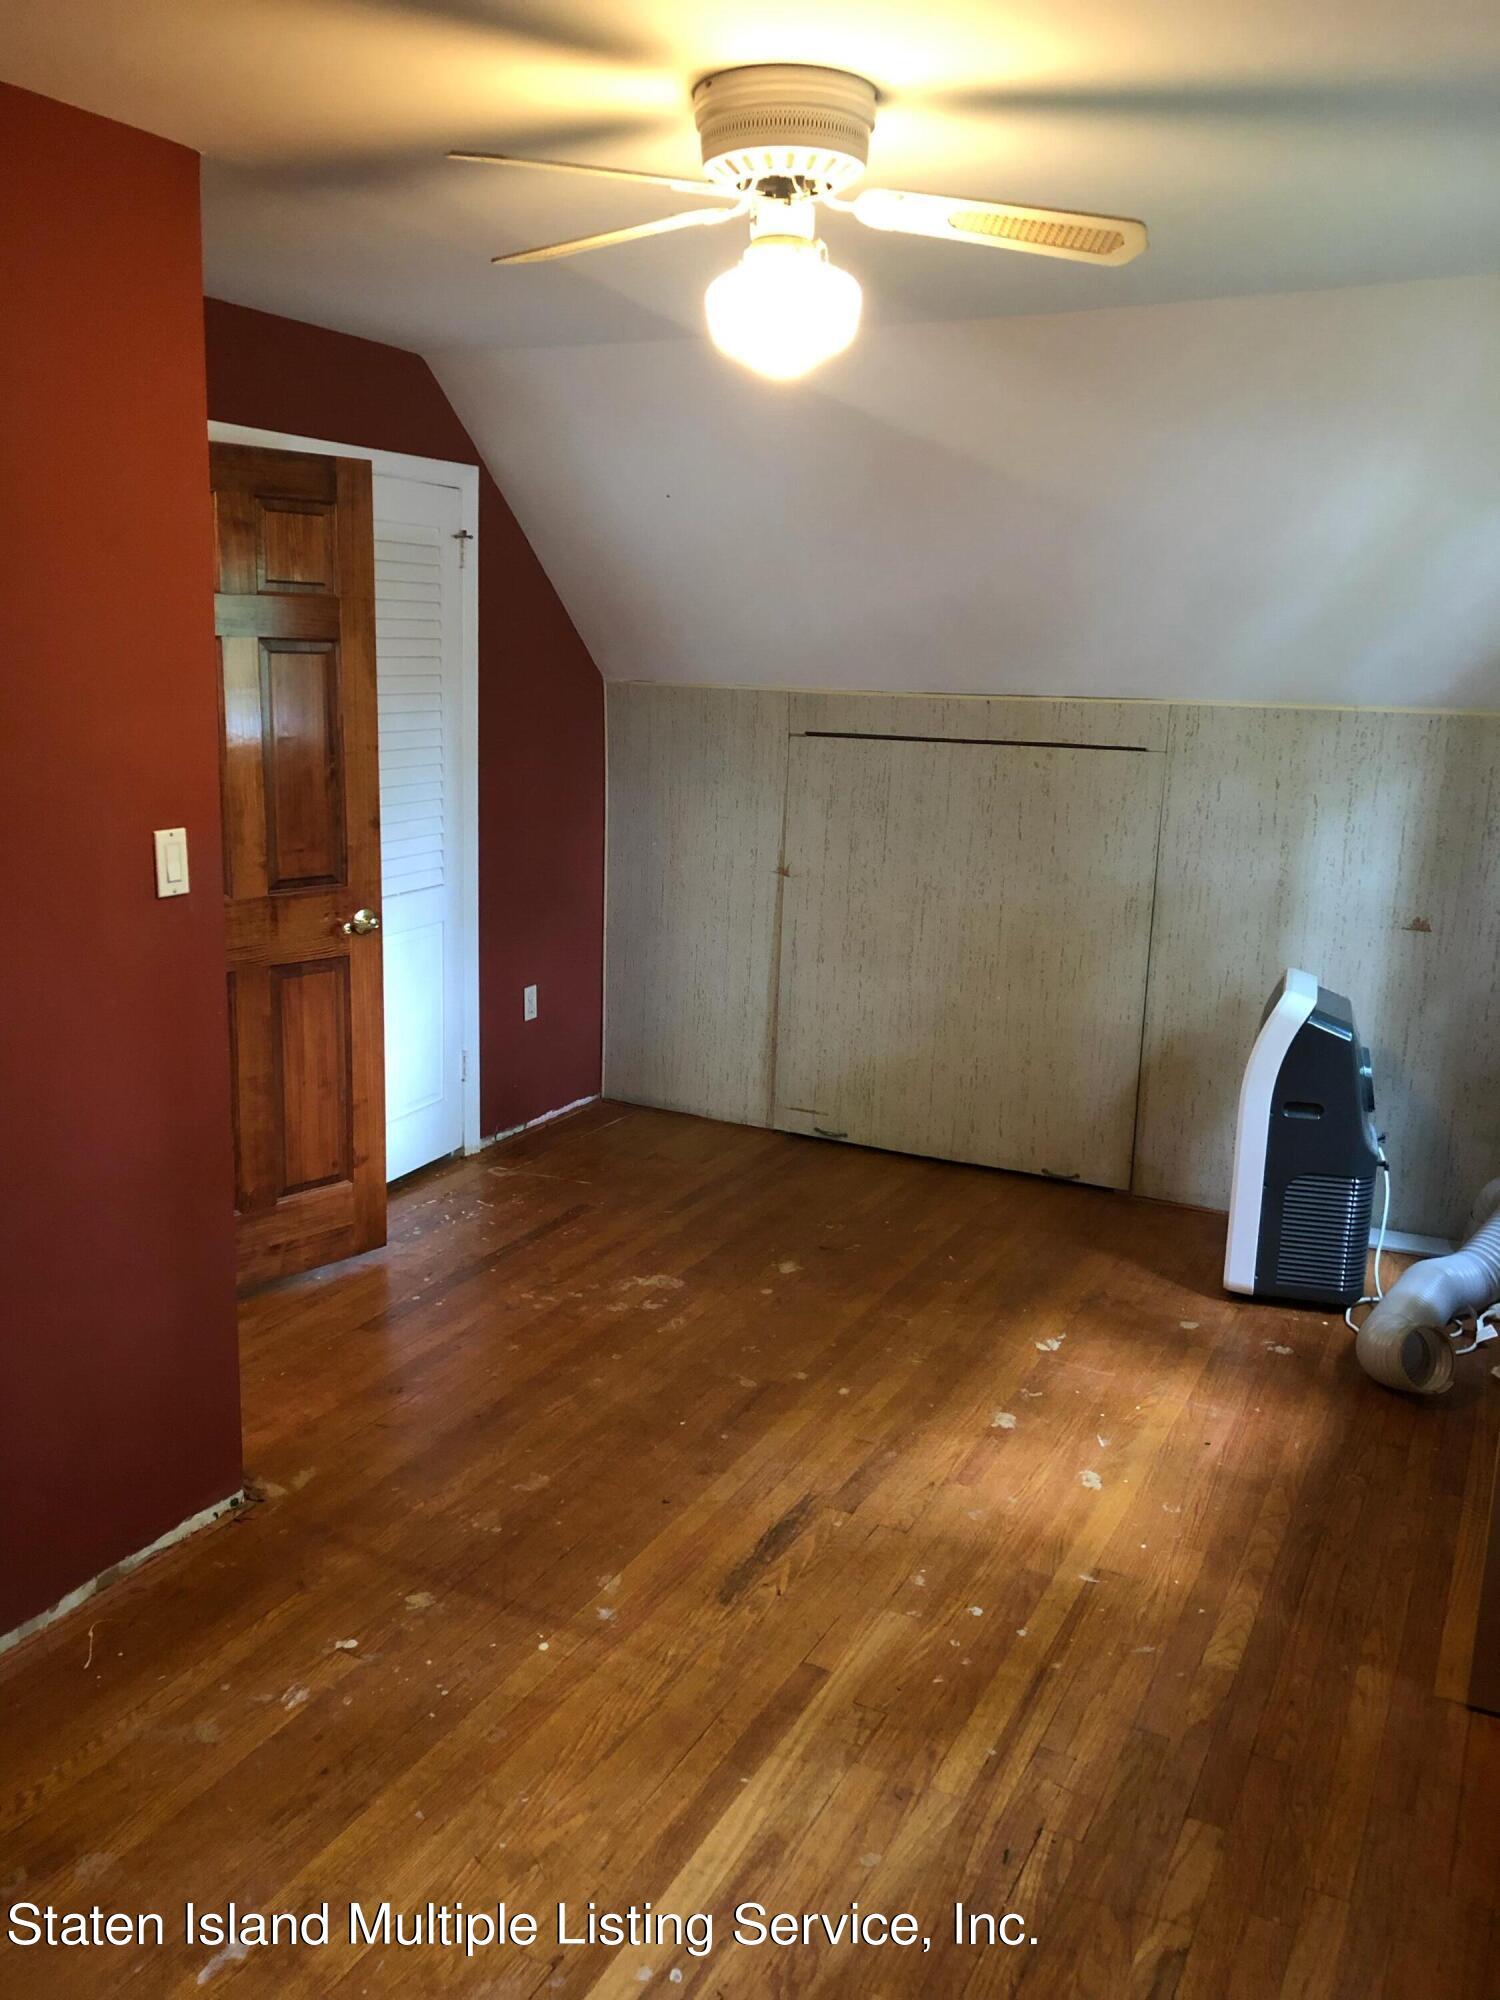 Single Family - Detached 88 Howton Avenue  Staten Island, NY 10308, MLS-1147500-12